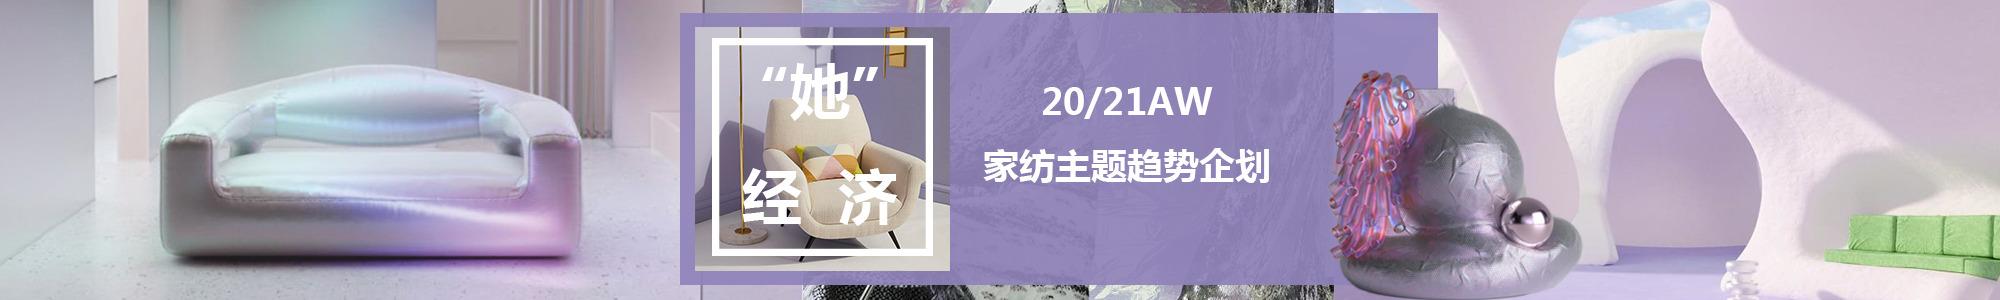 """20/21秋冬家纺主题趋势展望--""""她""""经济"""